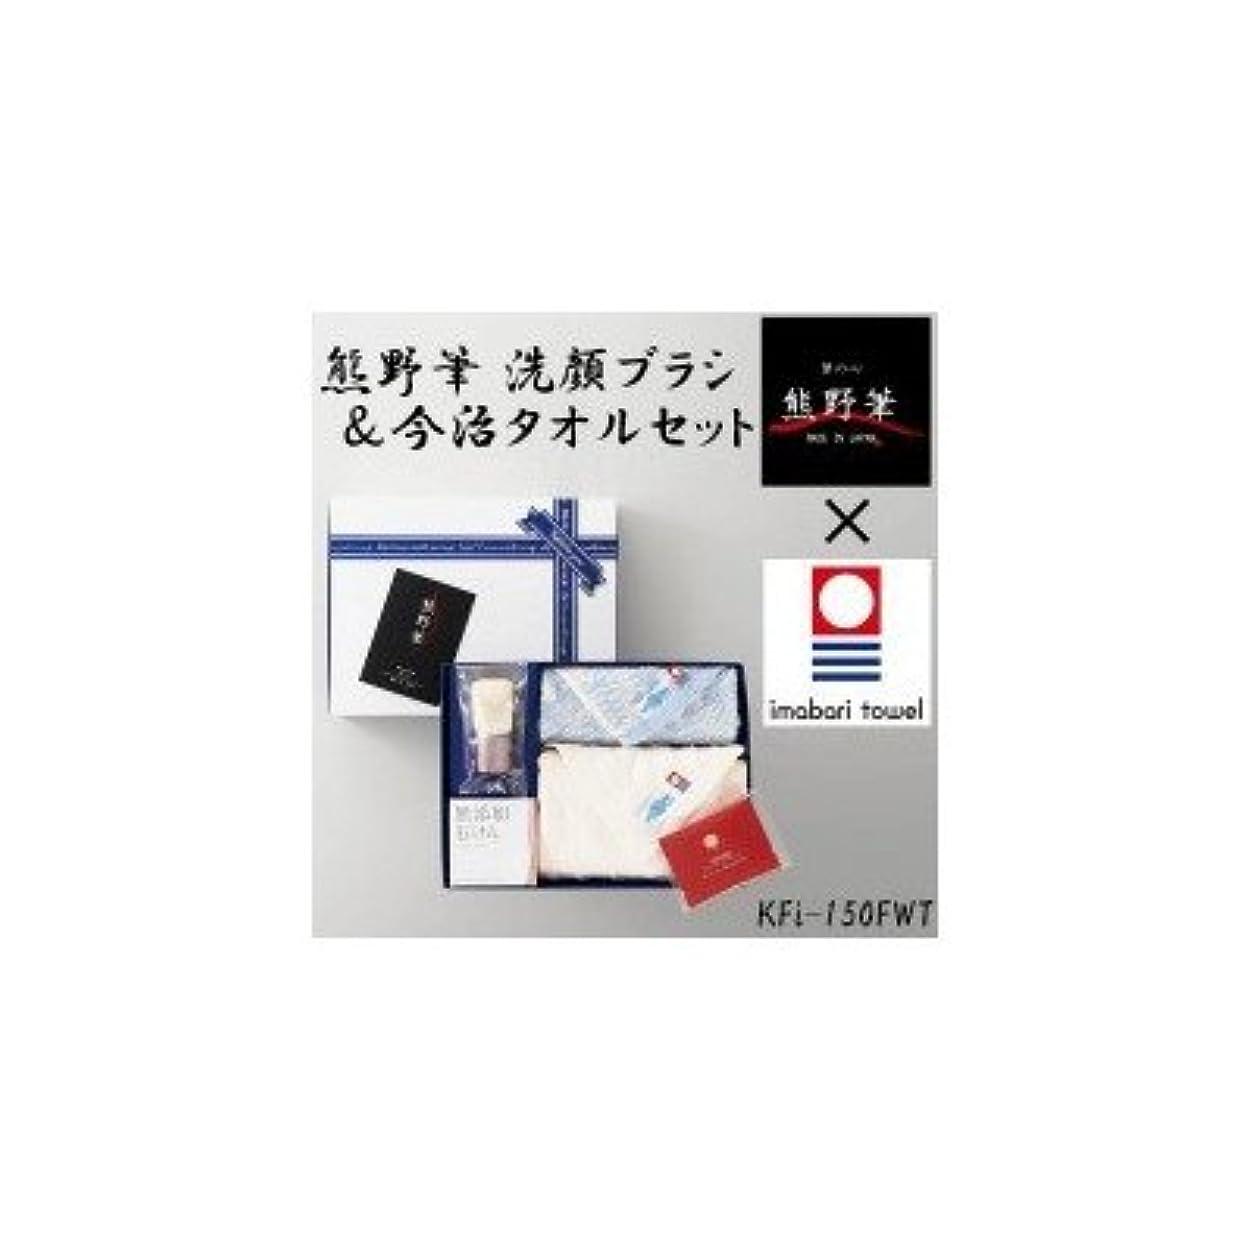 商人シーフードママ熊野筆と今治タオルのコラボレーション 熊野筆 洗顔ブラシ&今治タオルセット KFi-150FWT